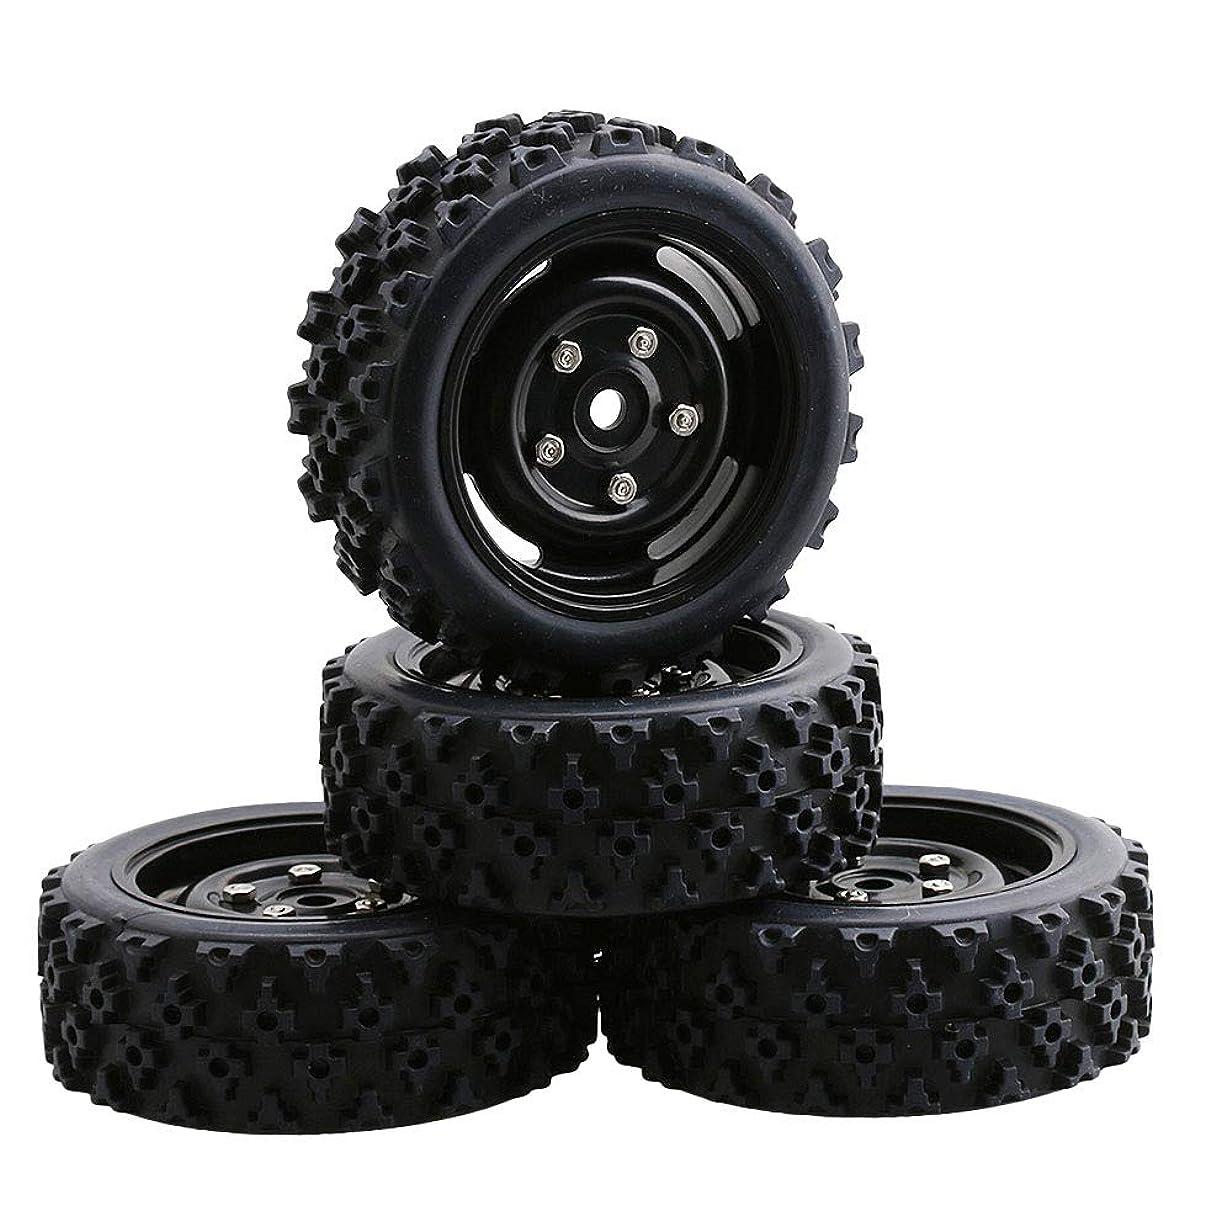 大きいインタネットを見る決定するMxfans 4個入れ ドット柄 ラバー タイヤ& プラスチック製 16スポーク ホイールリム RC 1:10 オフロード車のため   (ブラック)